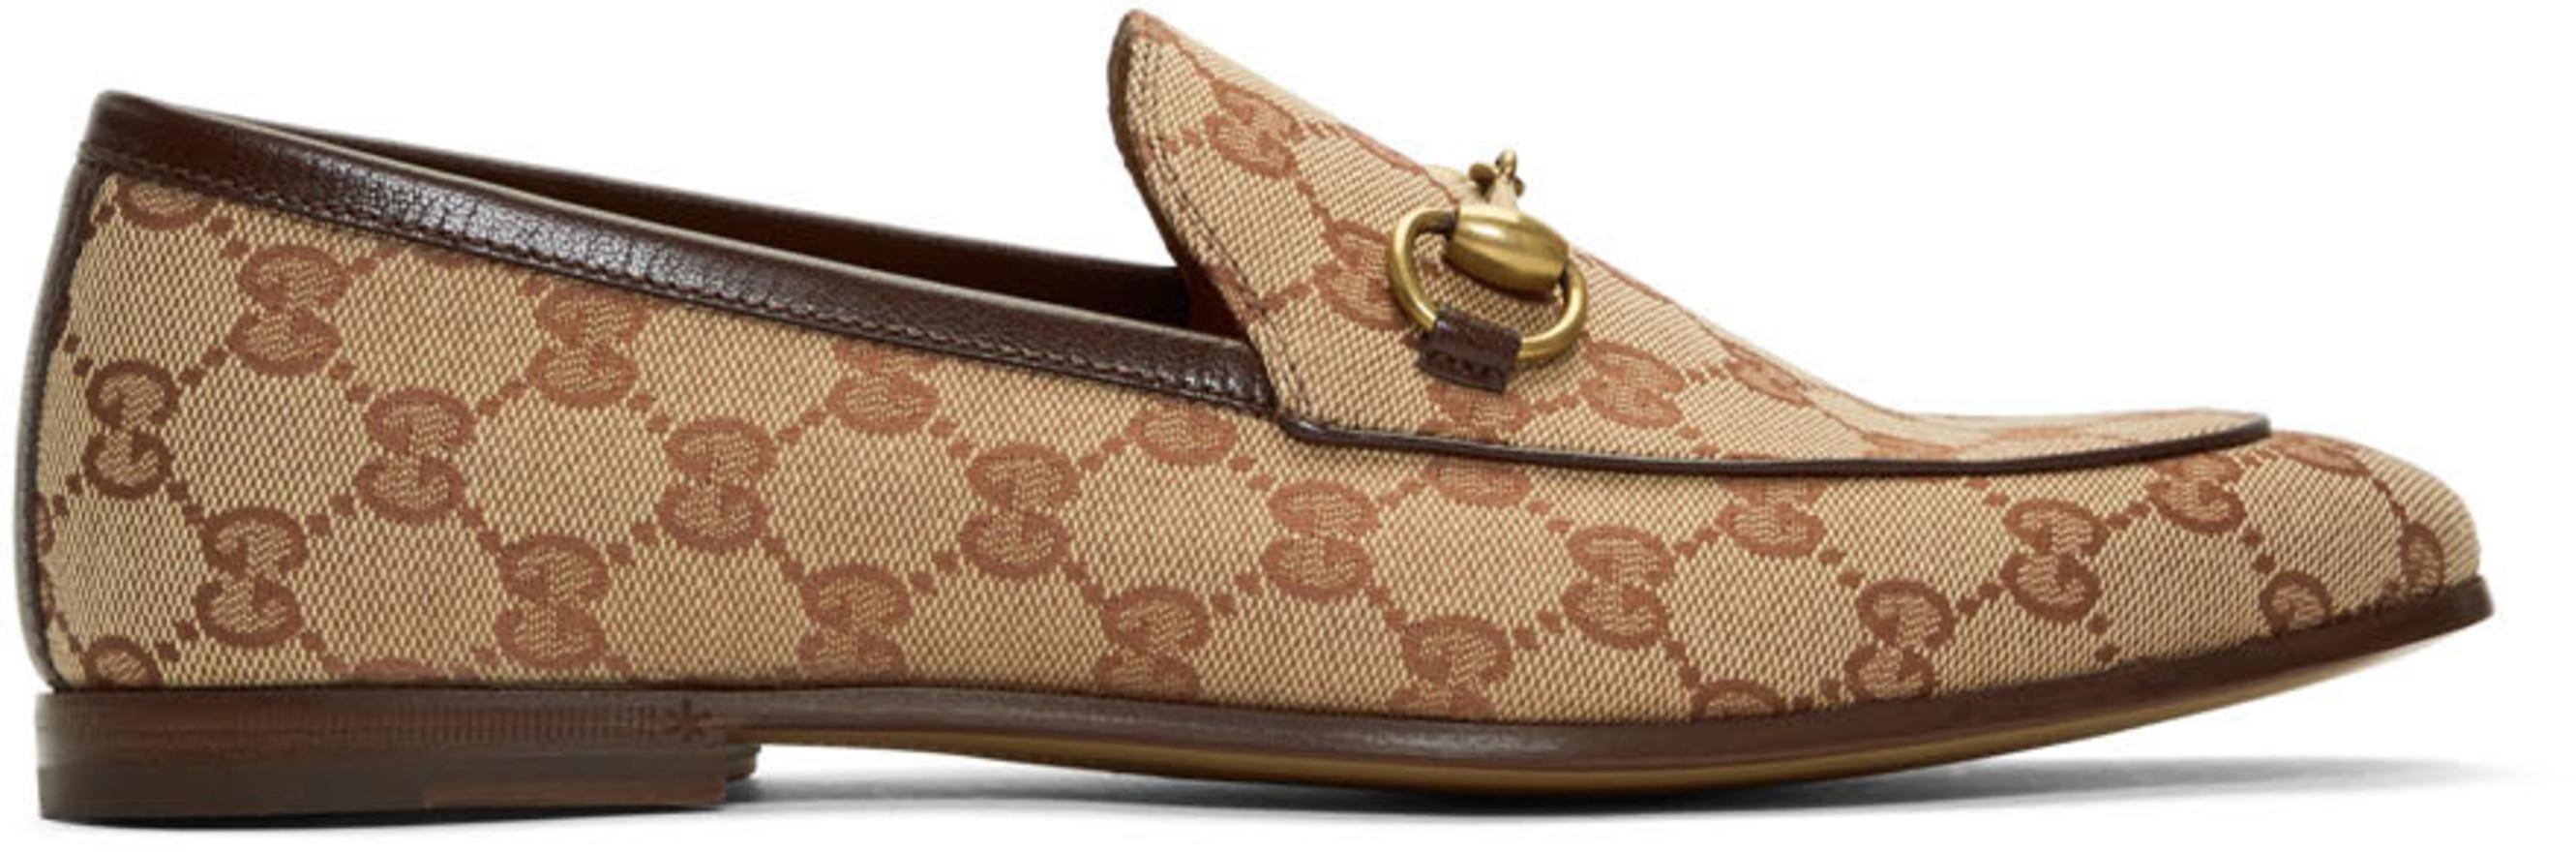 aa0d5cbe0 Gucci shoes for Men | SSENSE